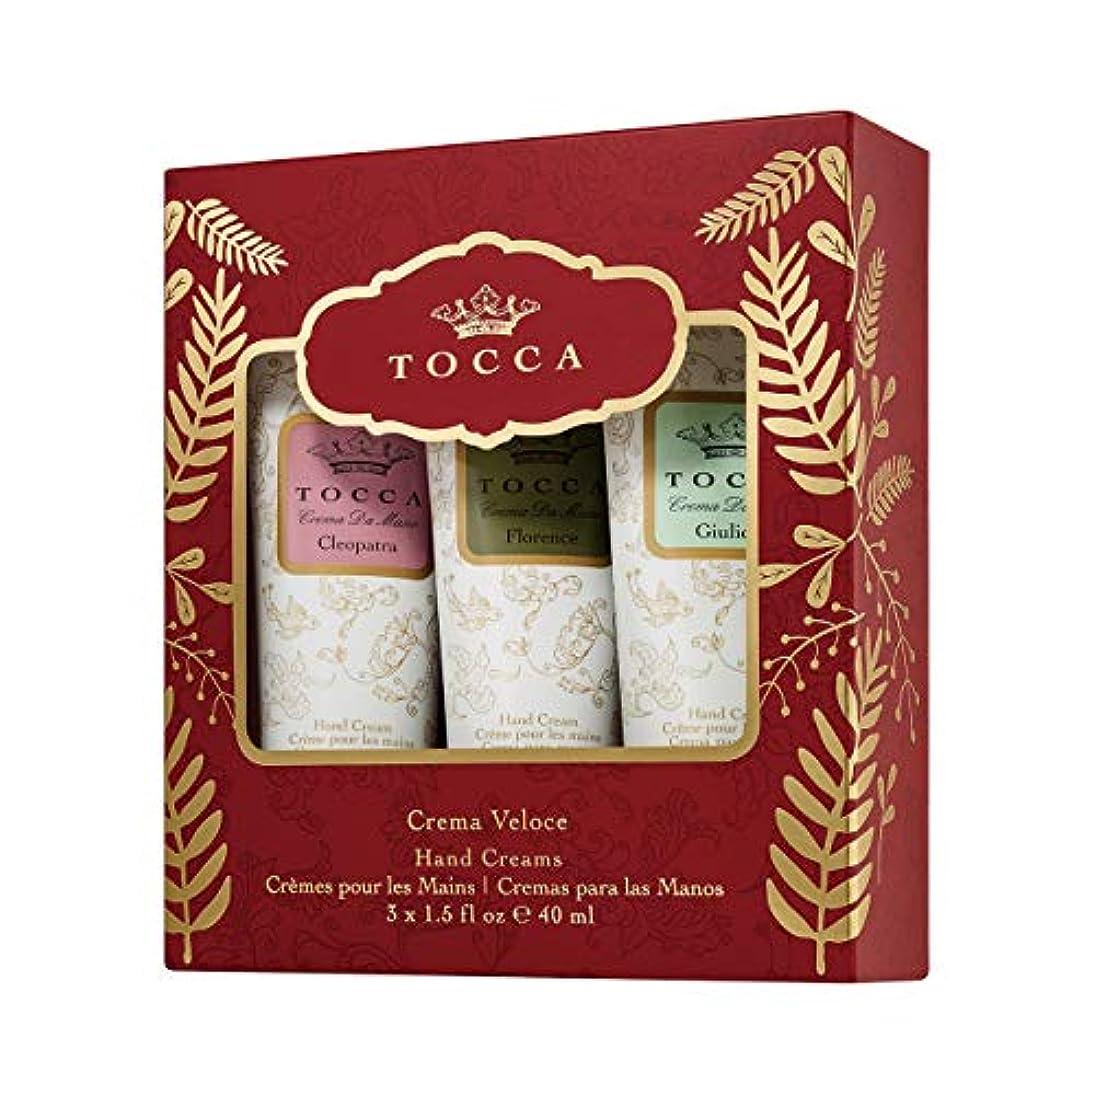 偽造手首組み込むTOCCA クレマヴェローチェパルマ ハンドクリーム3本入った贅沢な贈り物(手指保湿?小分けギフト)